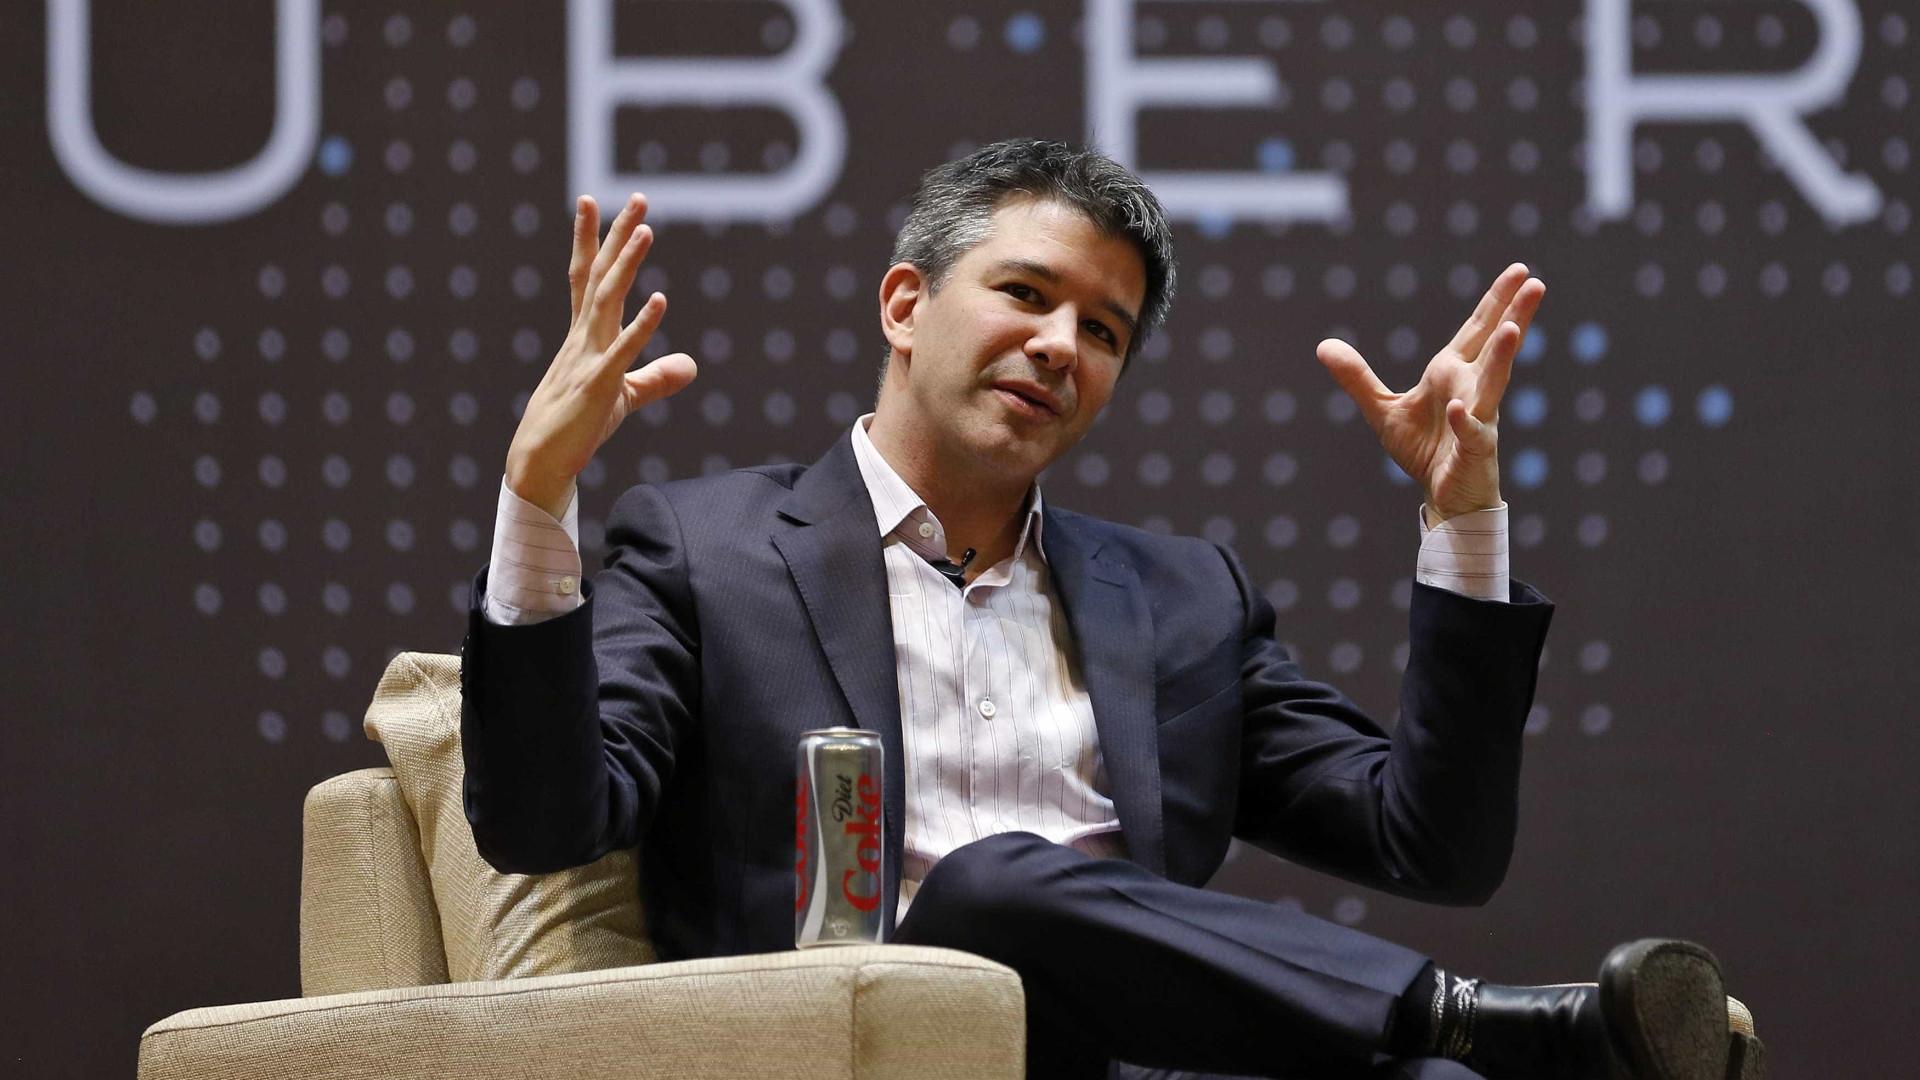 Uber enfrenta crise em seu comando